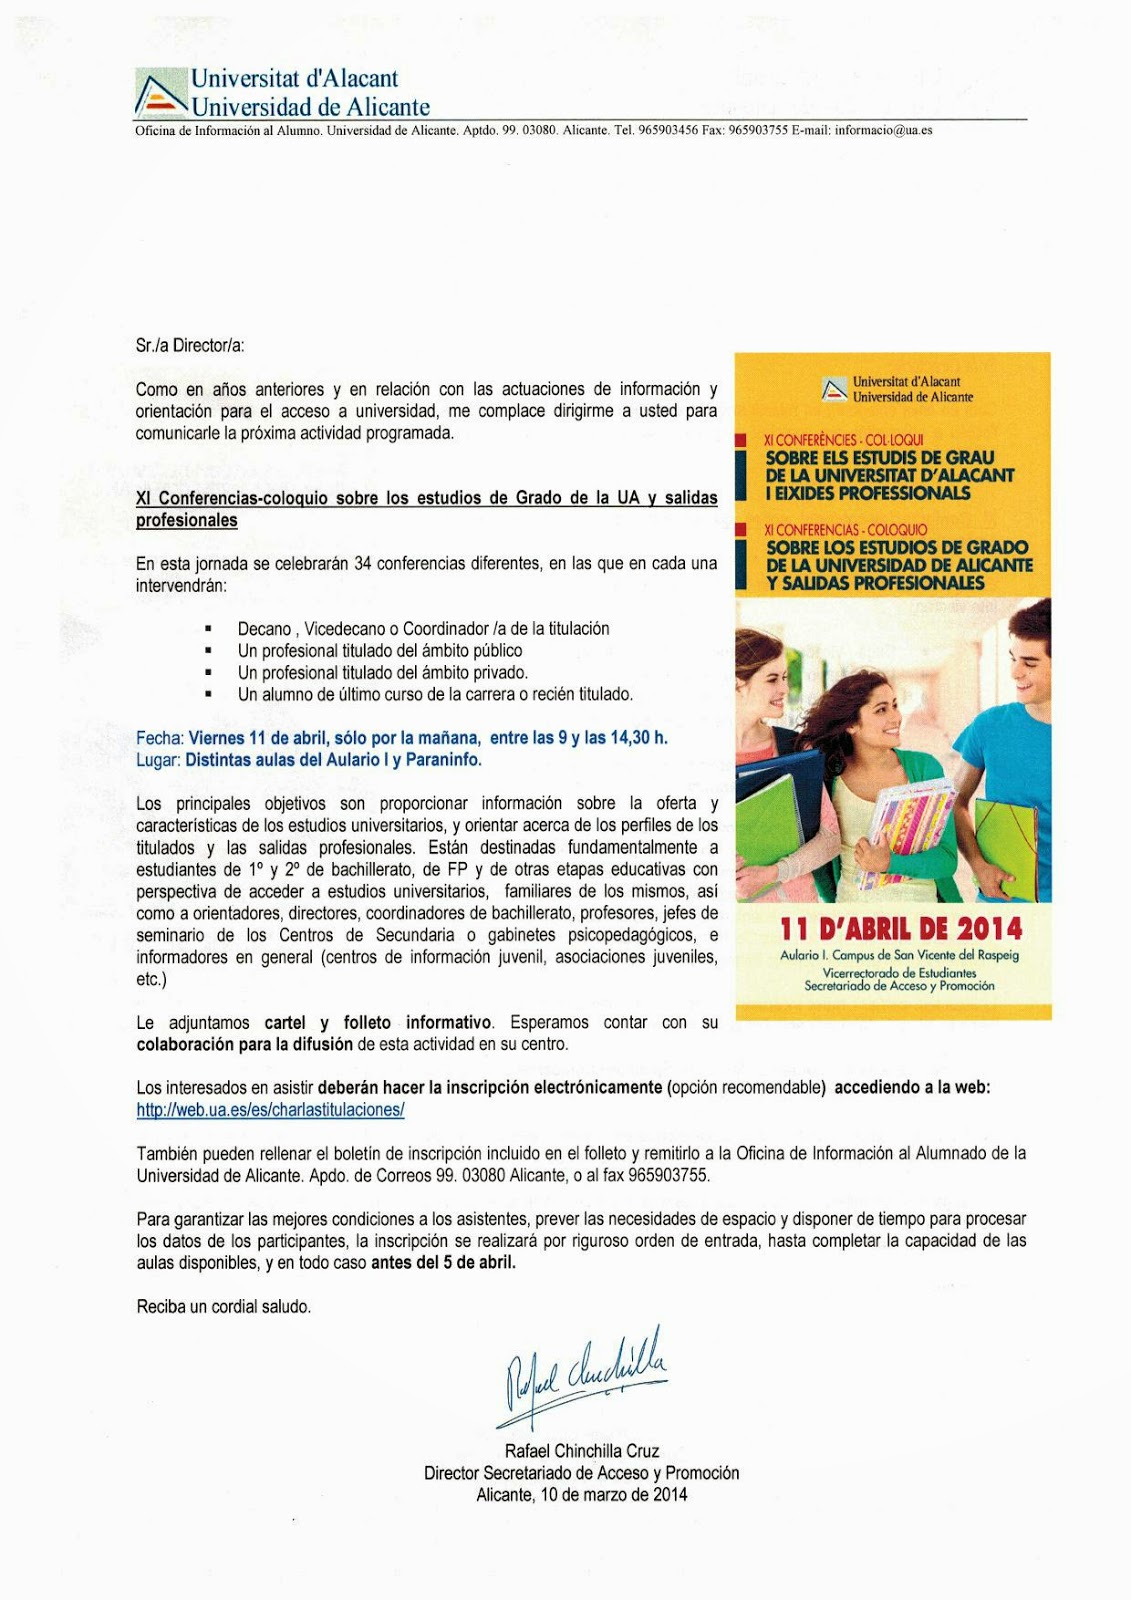 http://web.ua.es/es/charlastitulaciones/documentos/pdf/folleto-ciclo-conferencias-de-las-titulaciones-de-la-ua-y-salidas-profesionales-2014.pdf